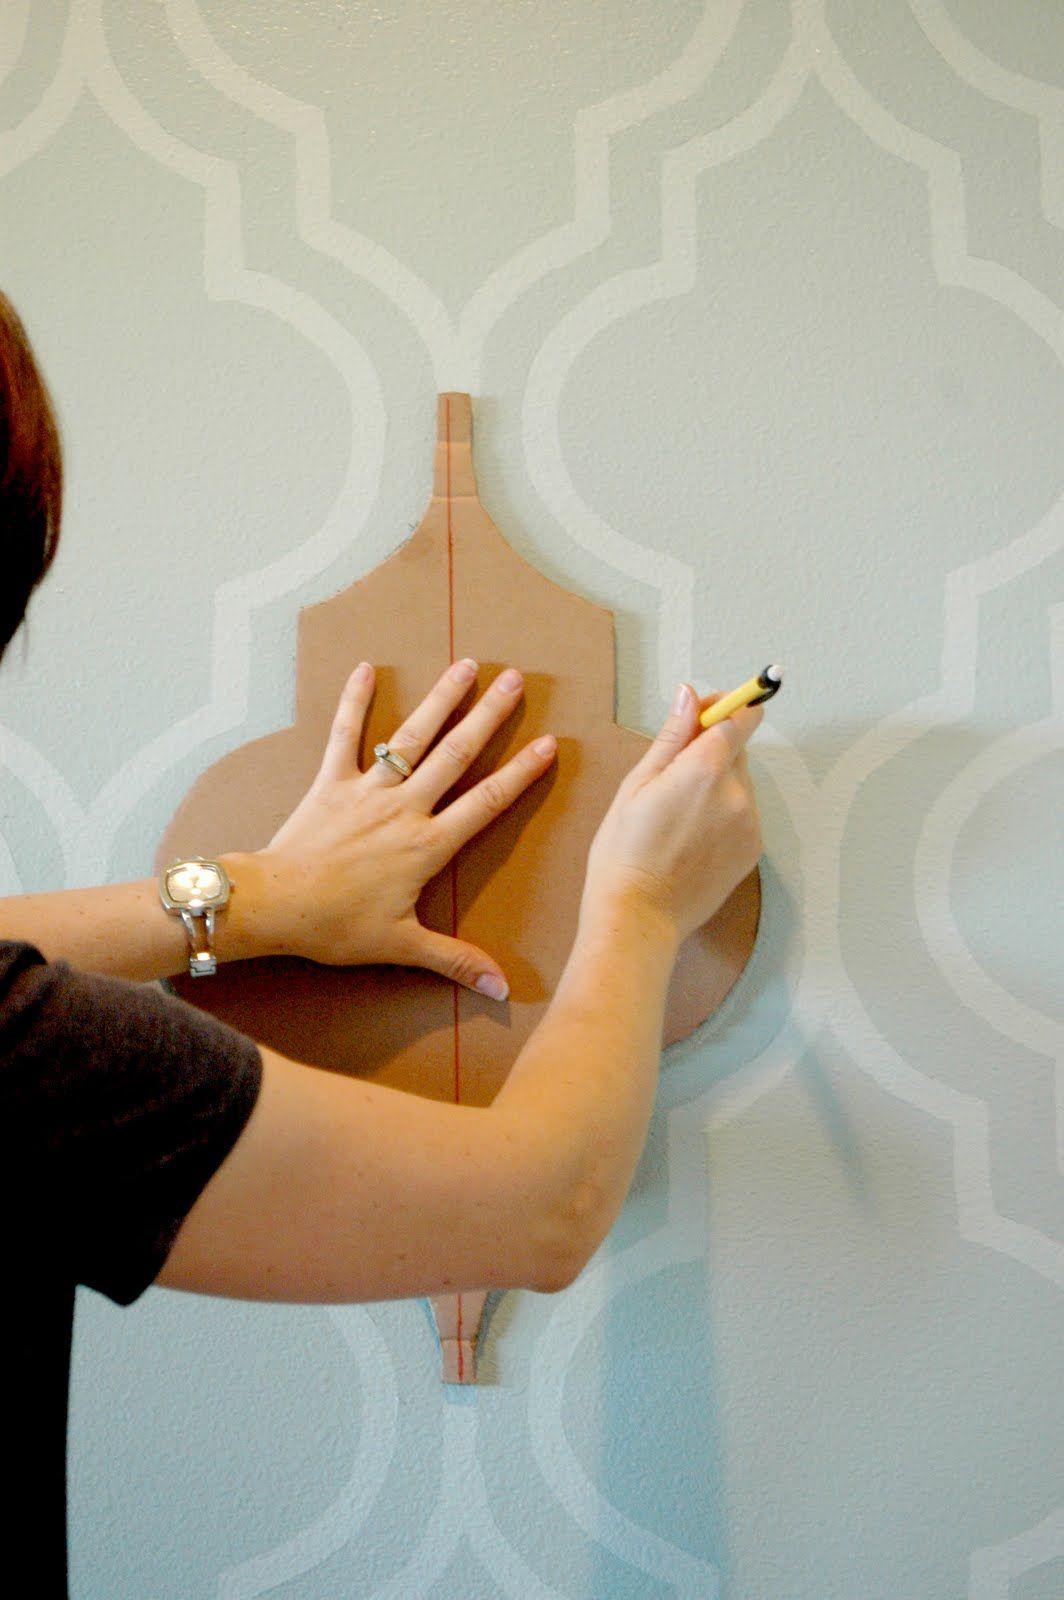 Трафарет можно изготовить самостоятельно из плотной бумаги